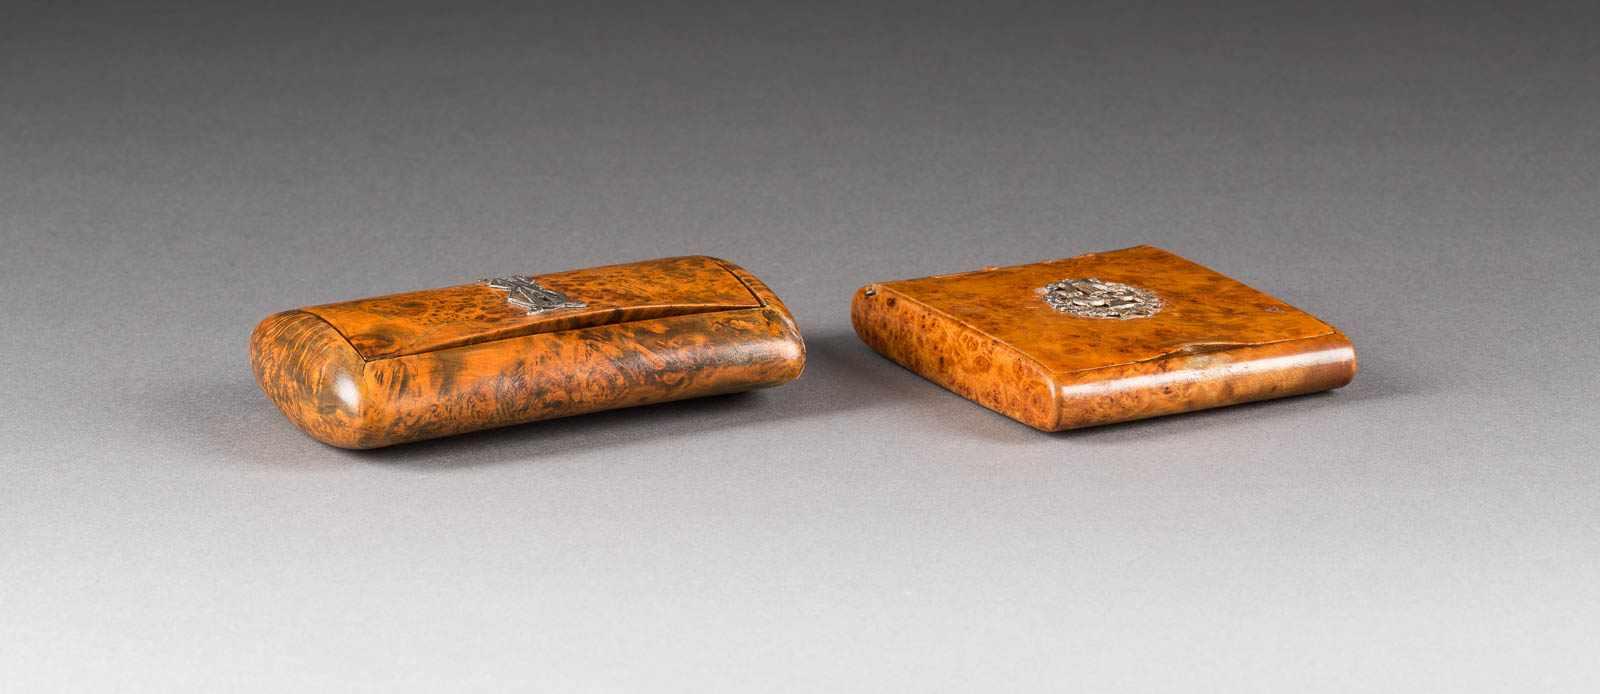 Lot 31 - ZWEI ZIGARETTENETUIS Russland, um 1900 Karelische Birke, Silberapplikationen. L. 9,3/11,7 cm. Ein